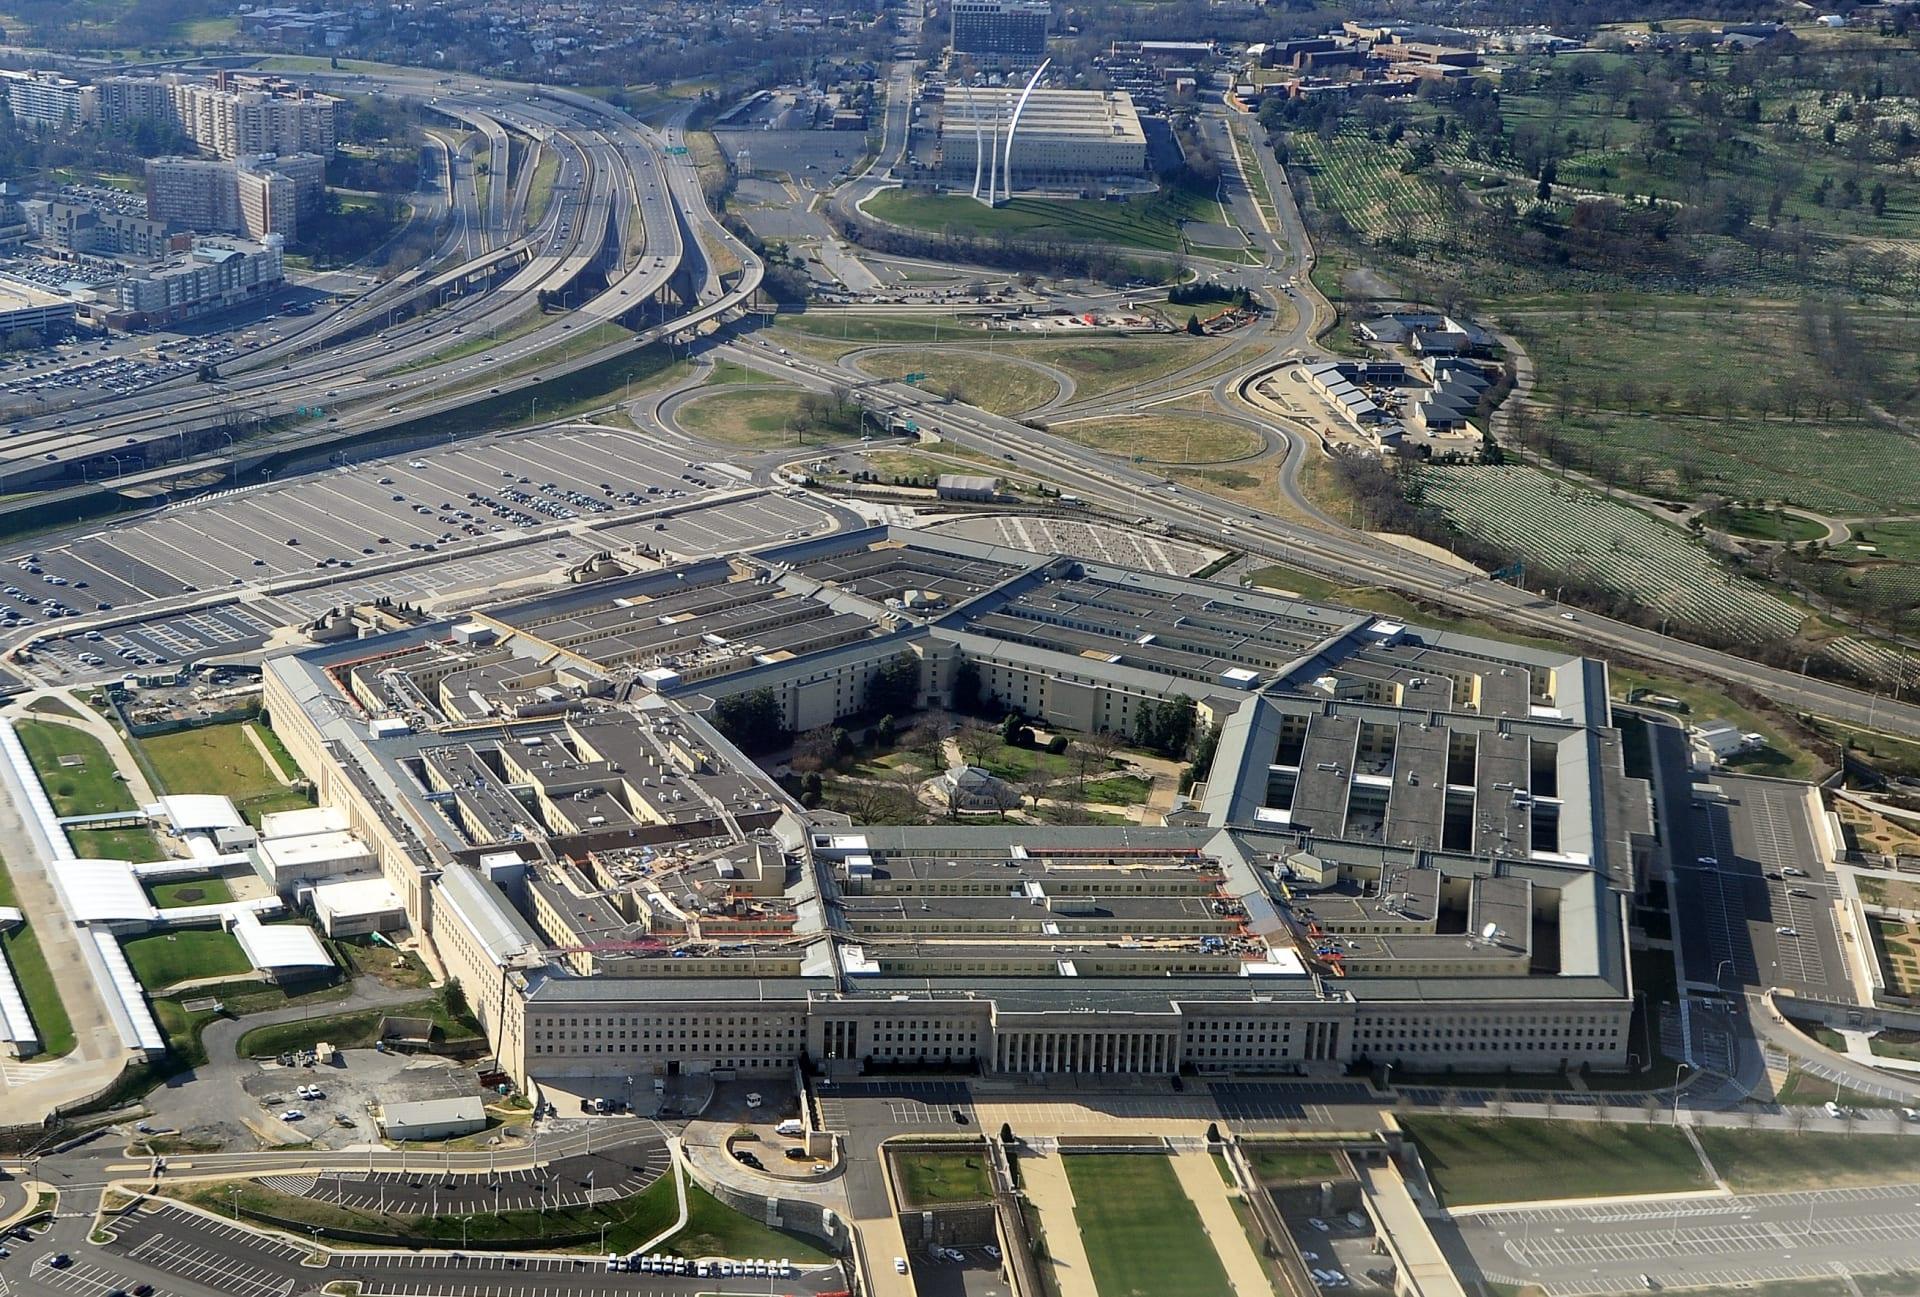 البنتاغون: 34 ضابطا بالقوة النووية غشوا باختبار الكفاءة